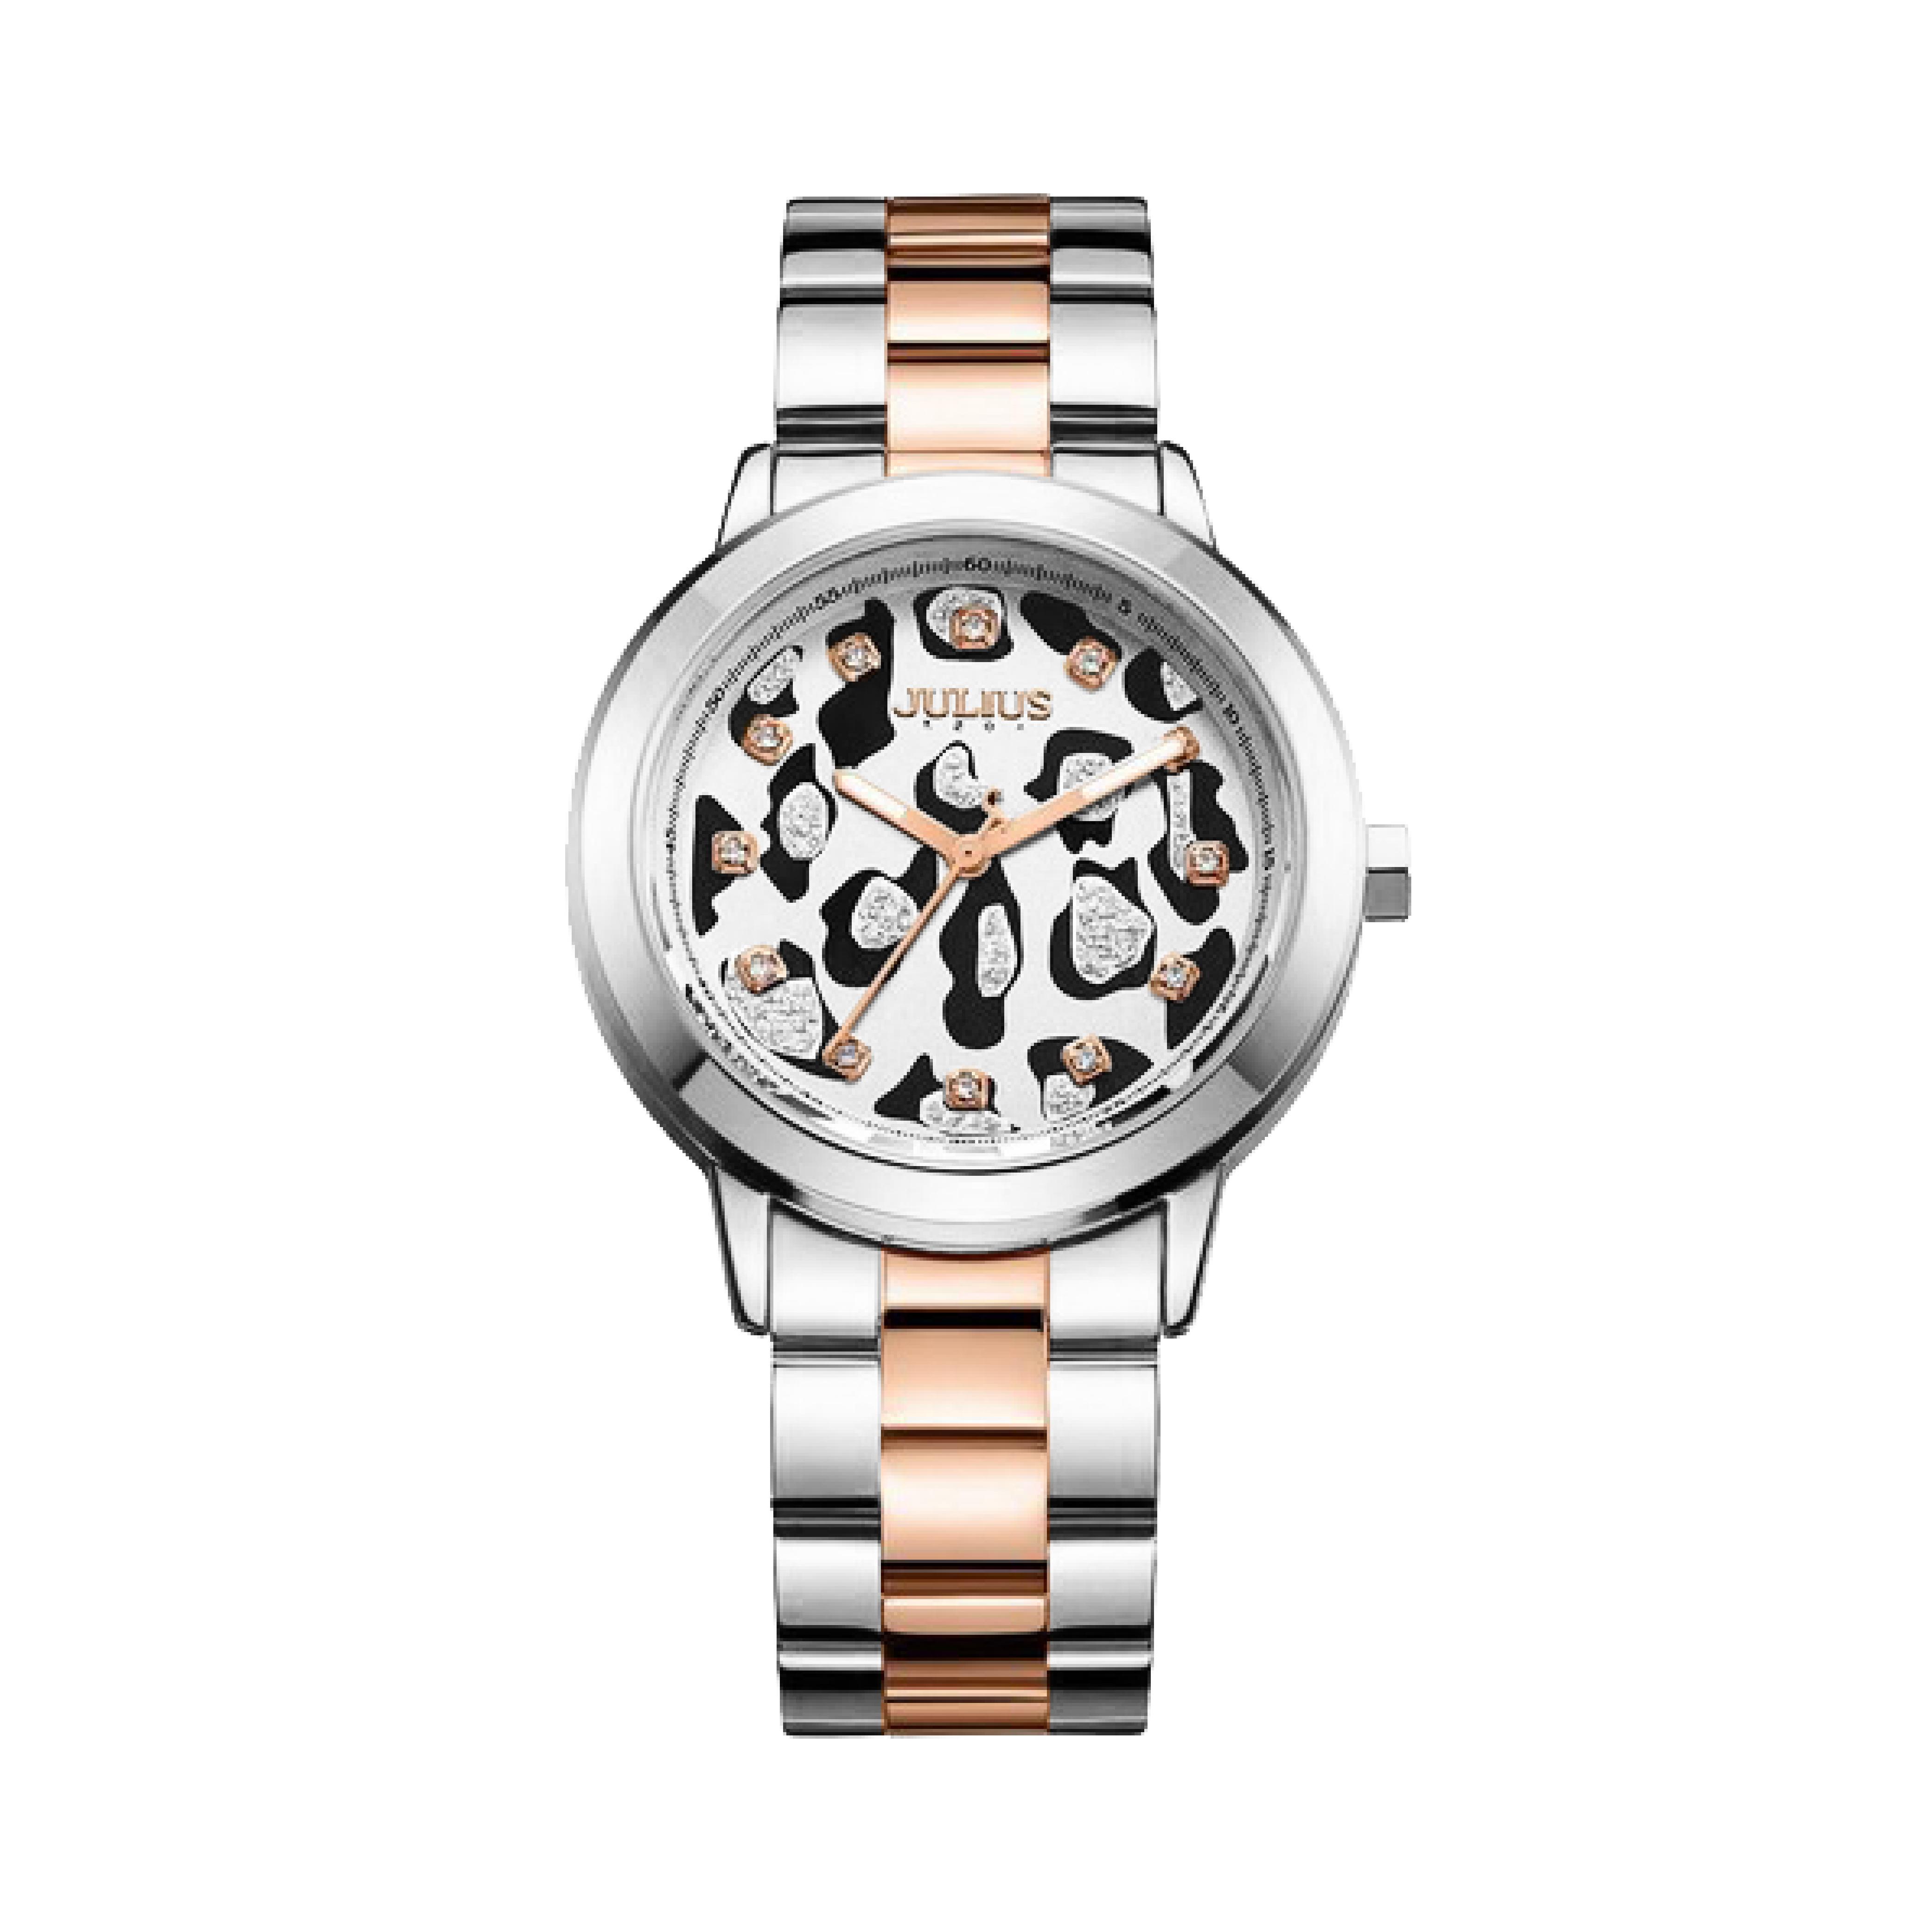 นาฬิกาข้อมือผู้หญิง JULIUS JA-1007 F